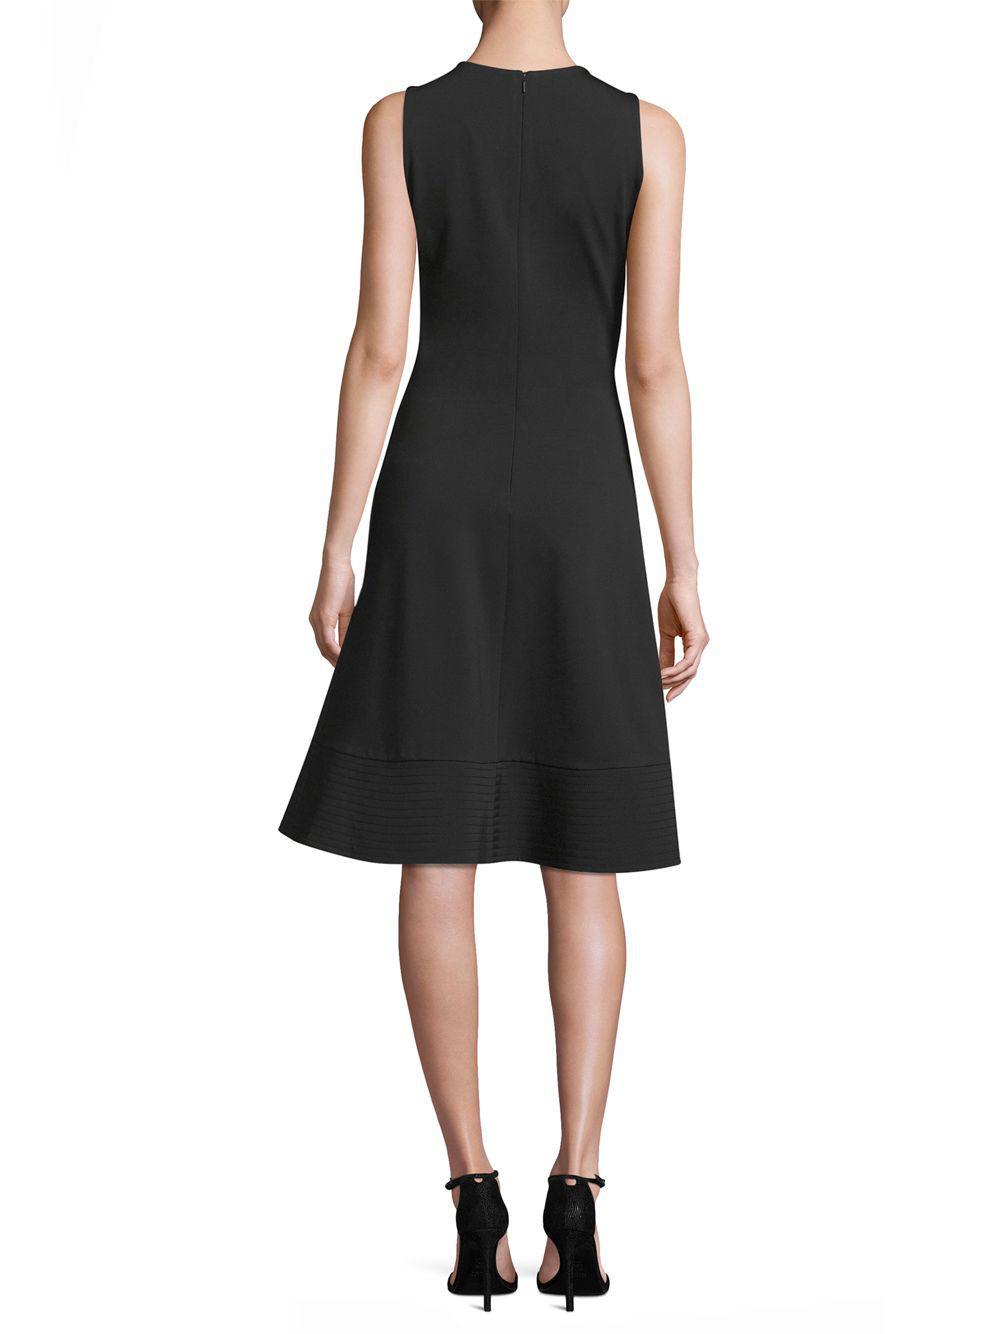 1b8d21cc0c865 Donna Karan - Black Sleeveless Fit- -flare Dress - Lyst. View fullscreen